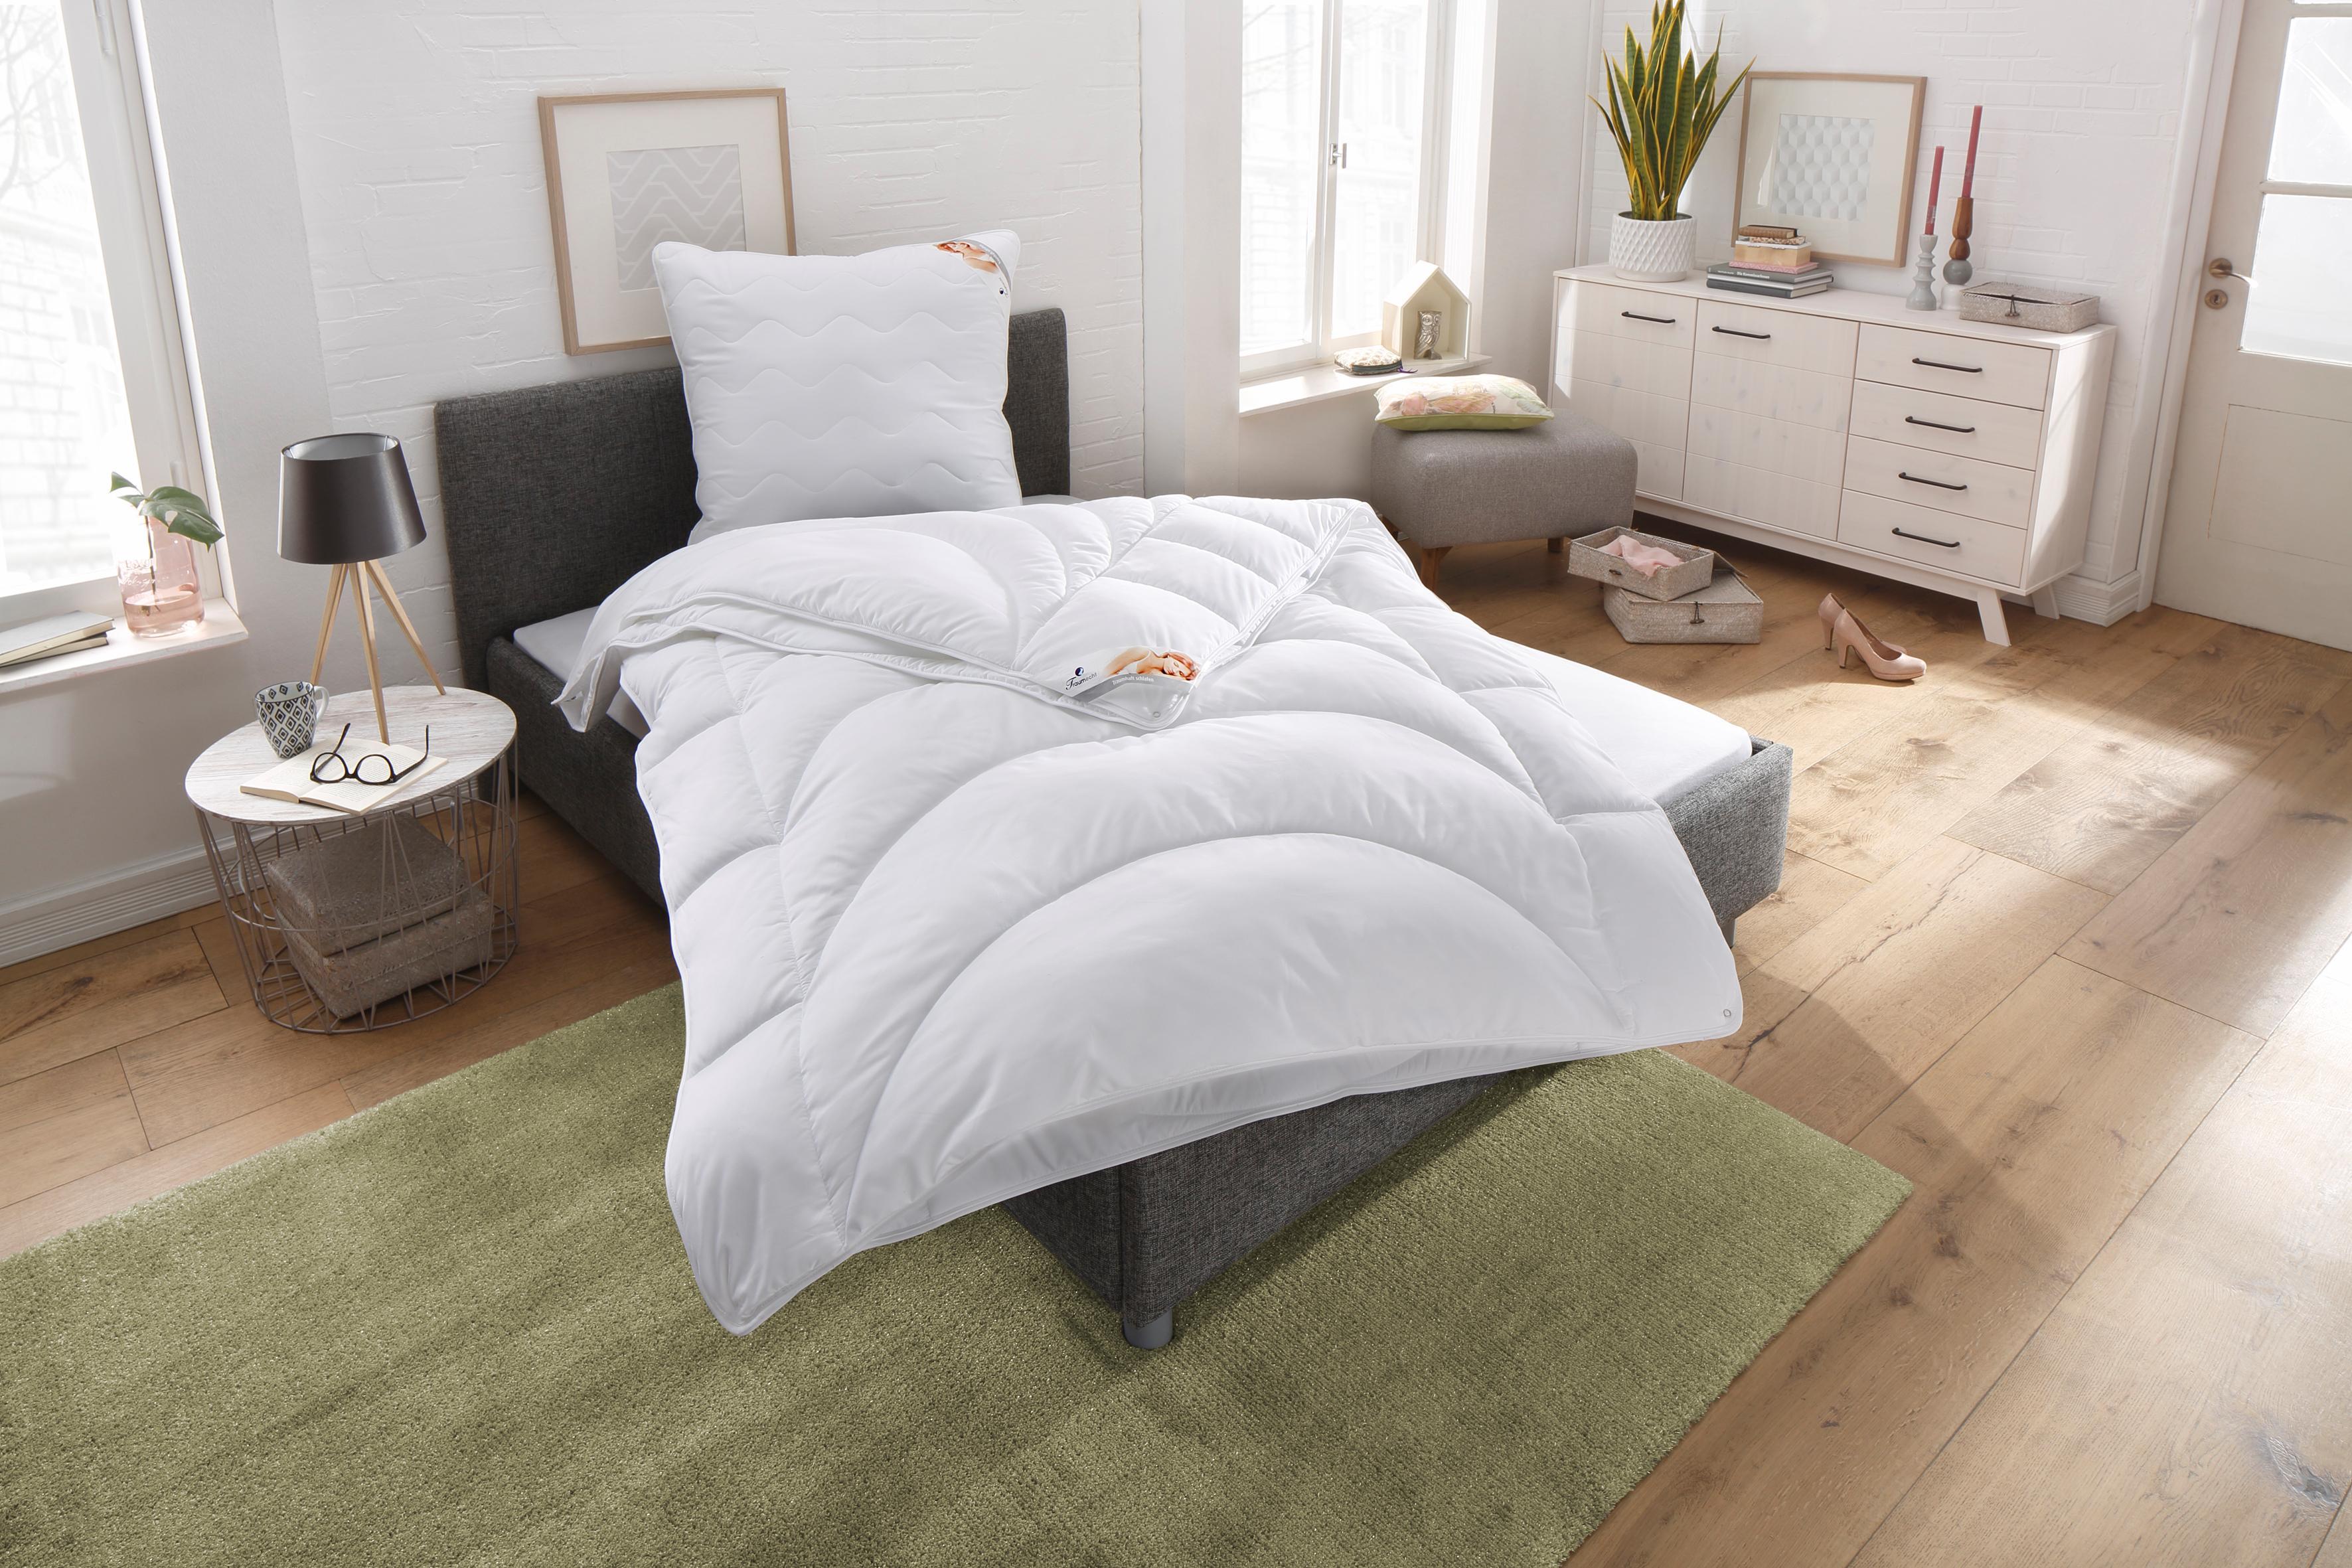 4-Jahreszeitenbett + Kopfkissen Microlux Baumwolle Traumecht 4-Jahreszeiten